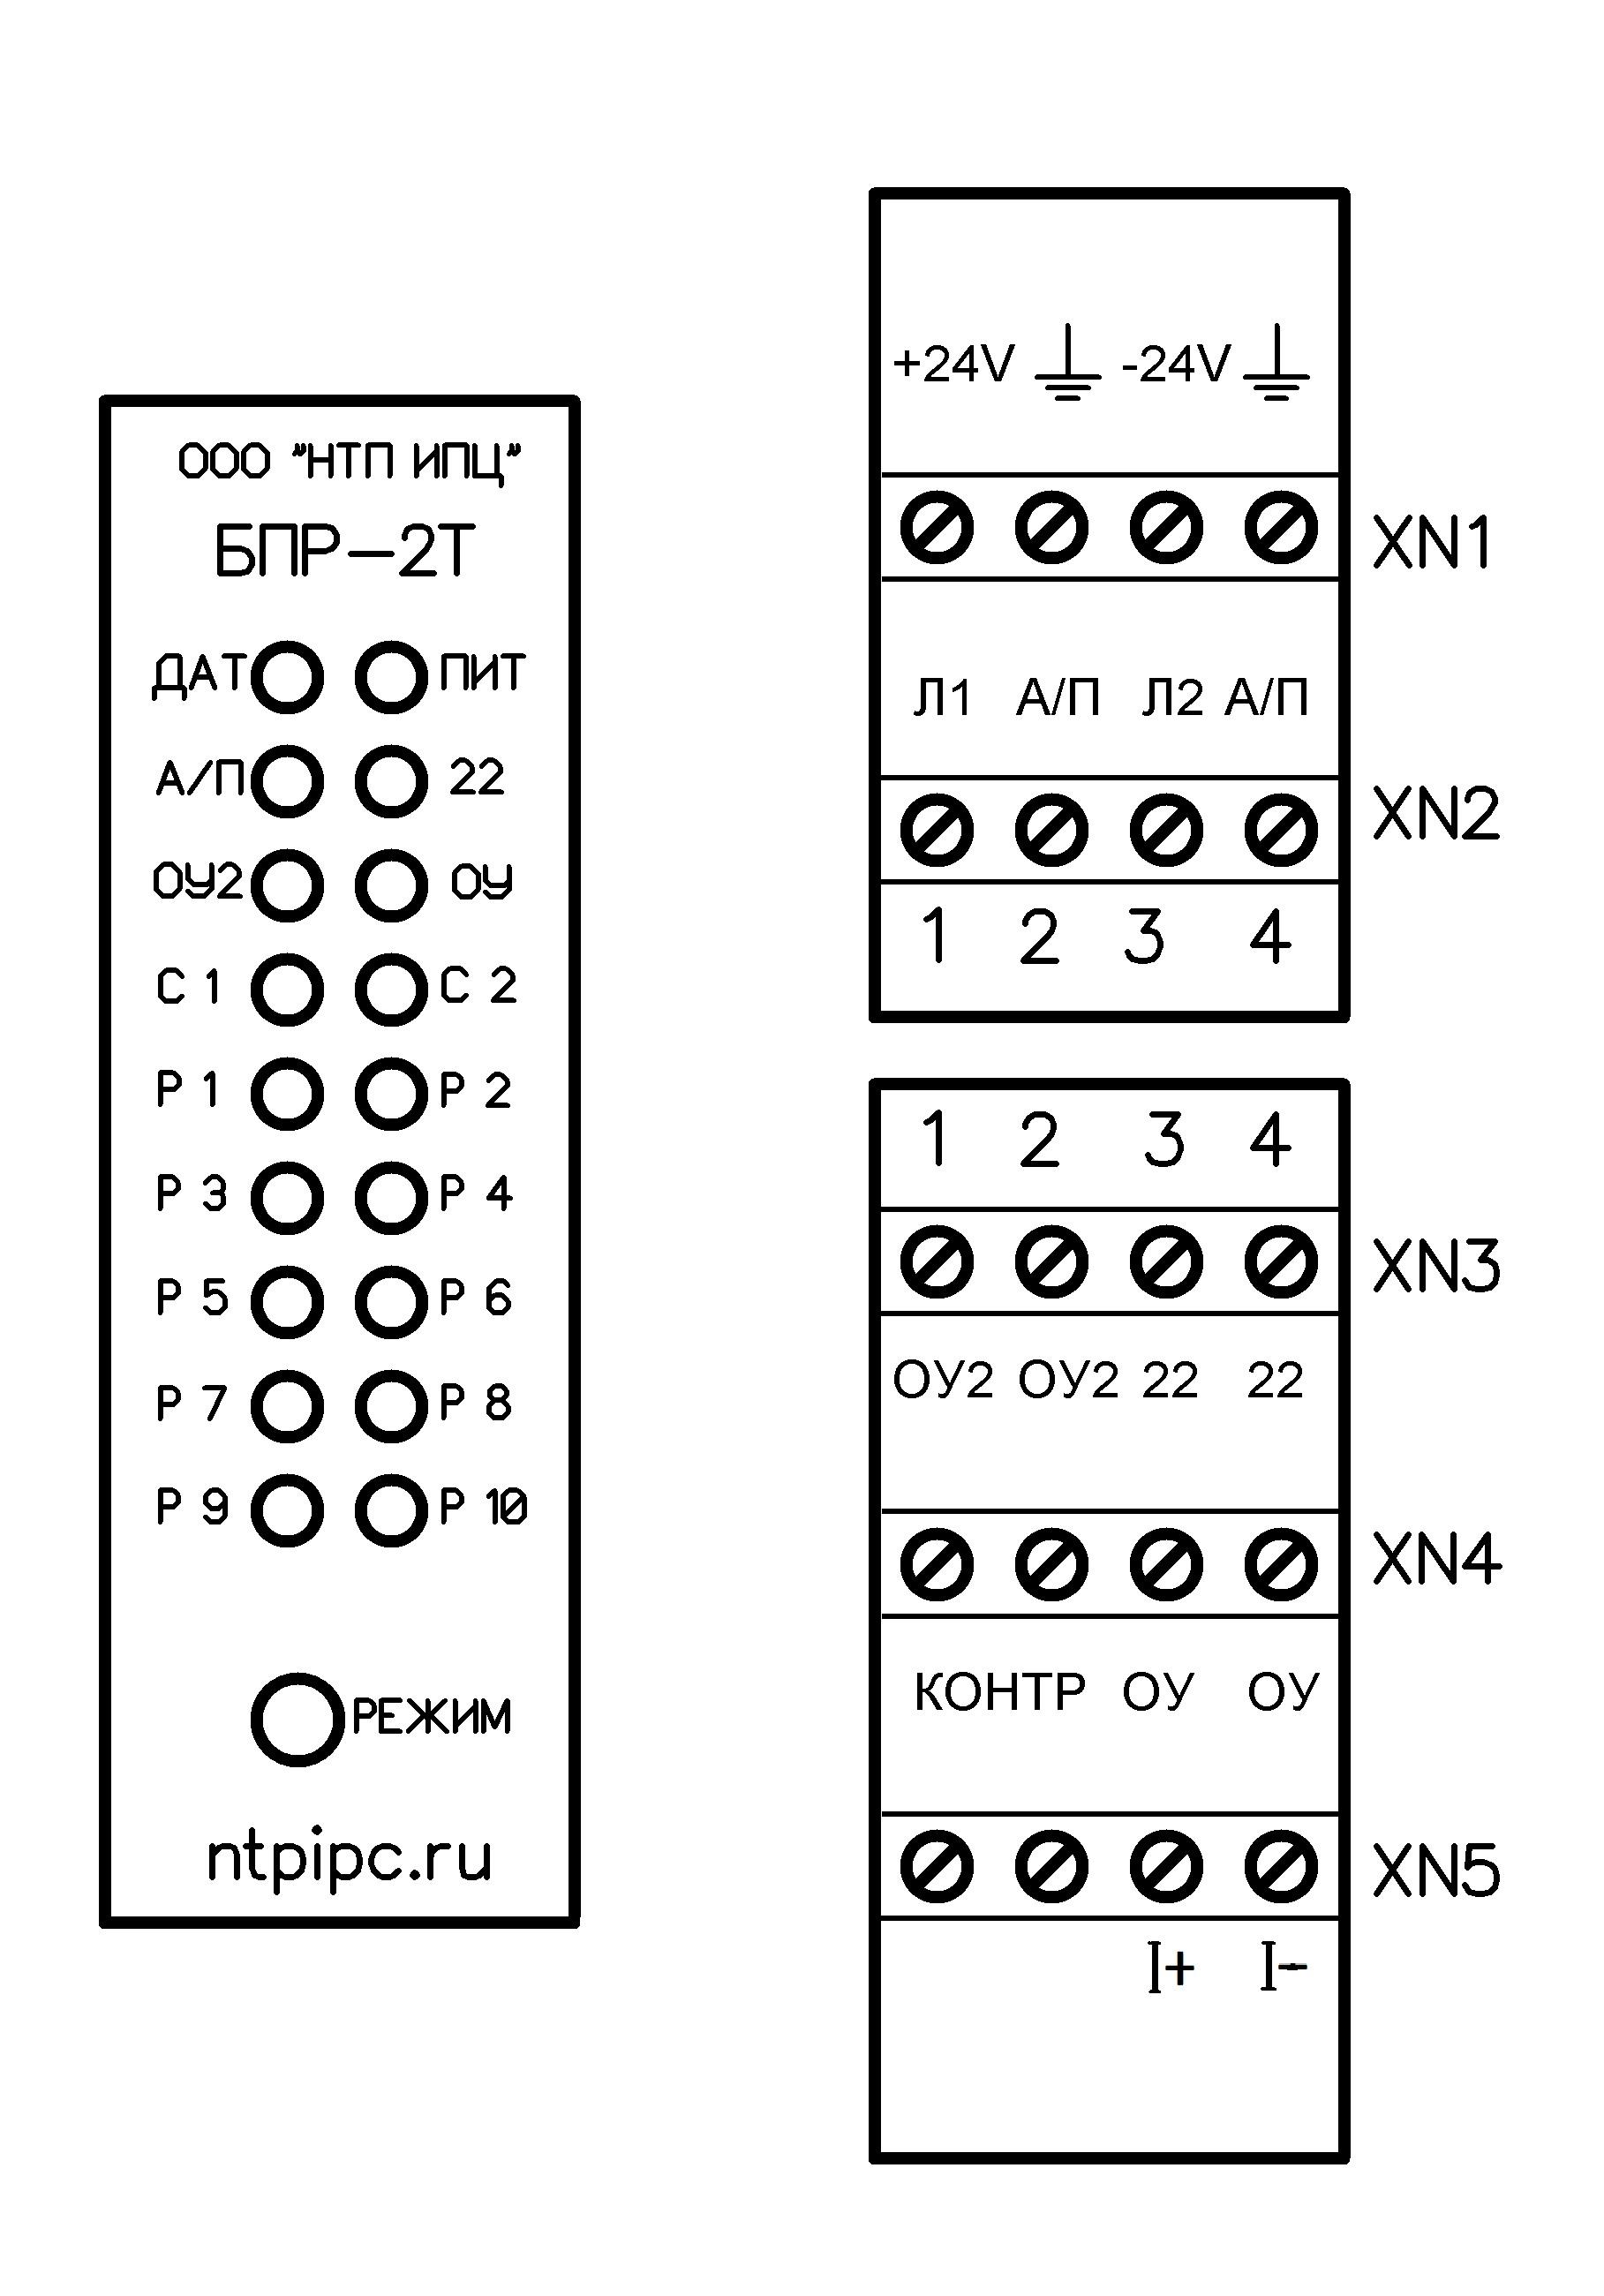 Панелька и контакты БПР-2Т